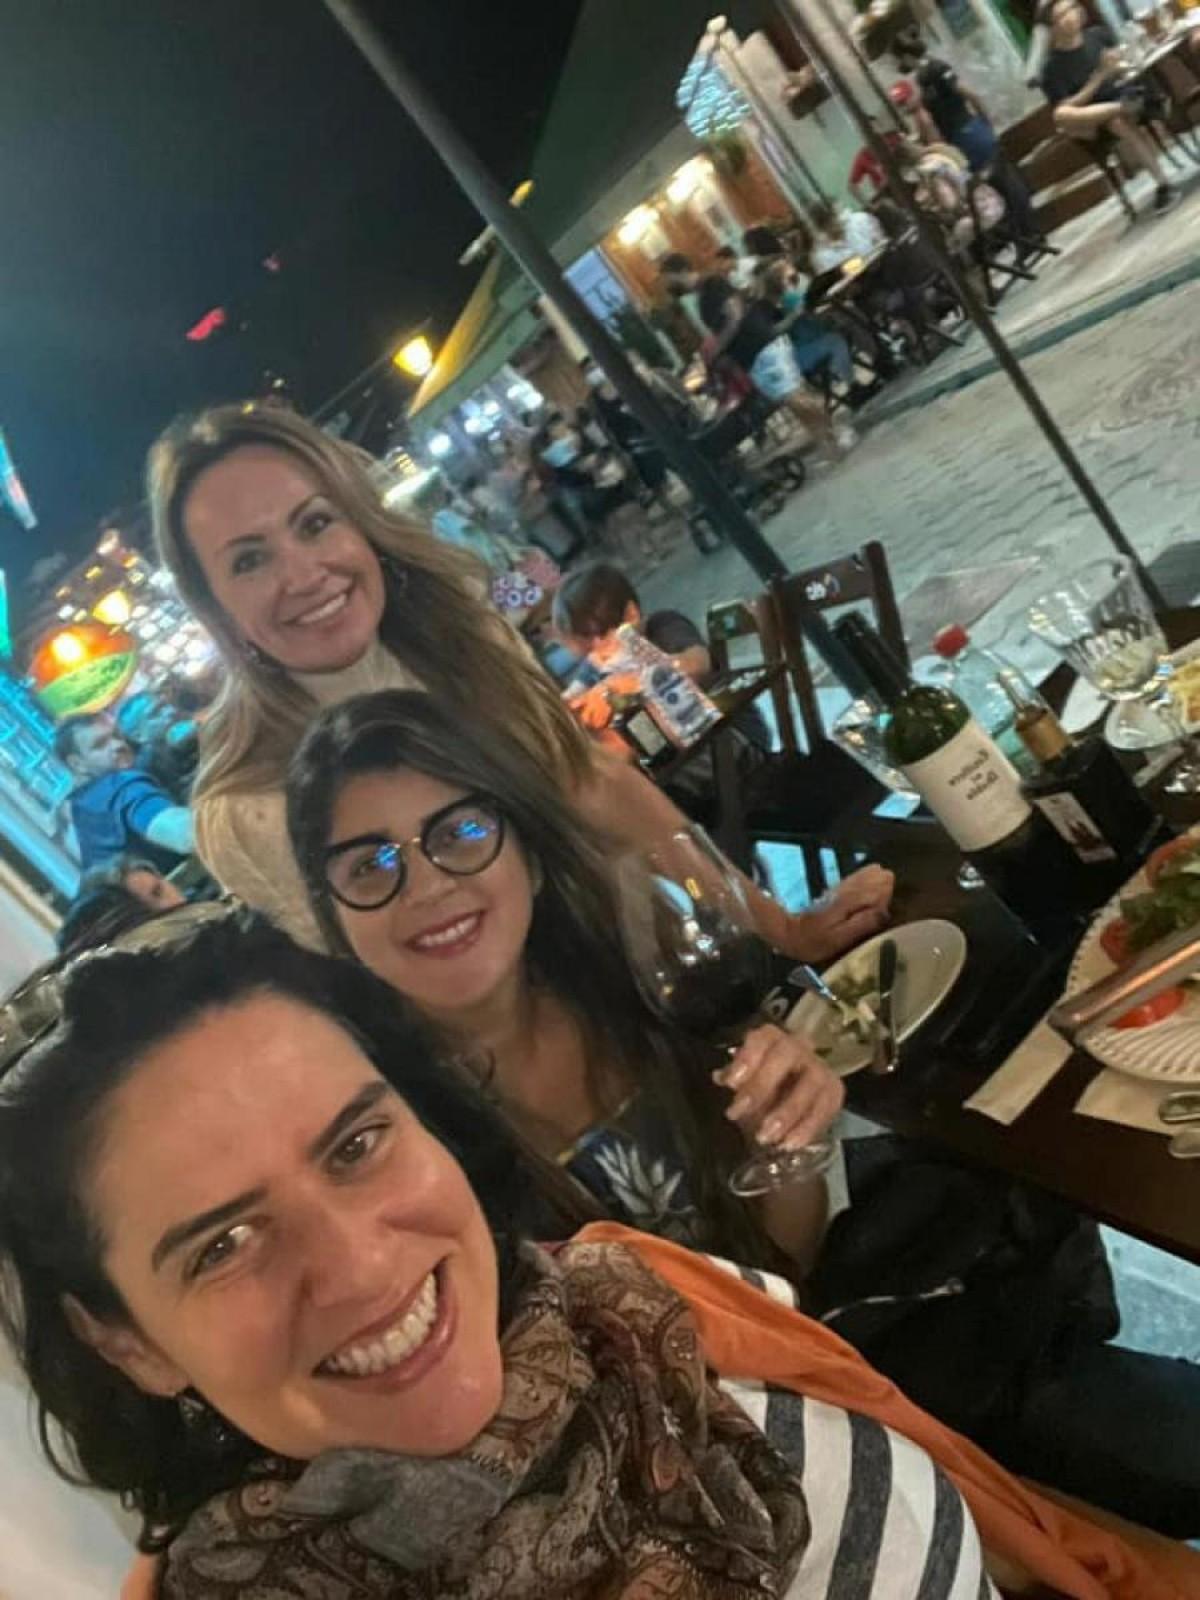 A maior parte dos bares e restaurantes estão localizados na Rua do Lazer (Foto: Carla Passos)